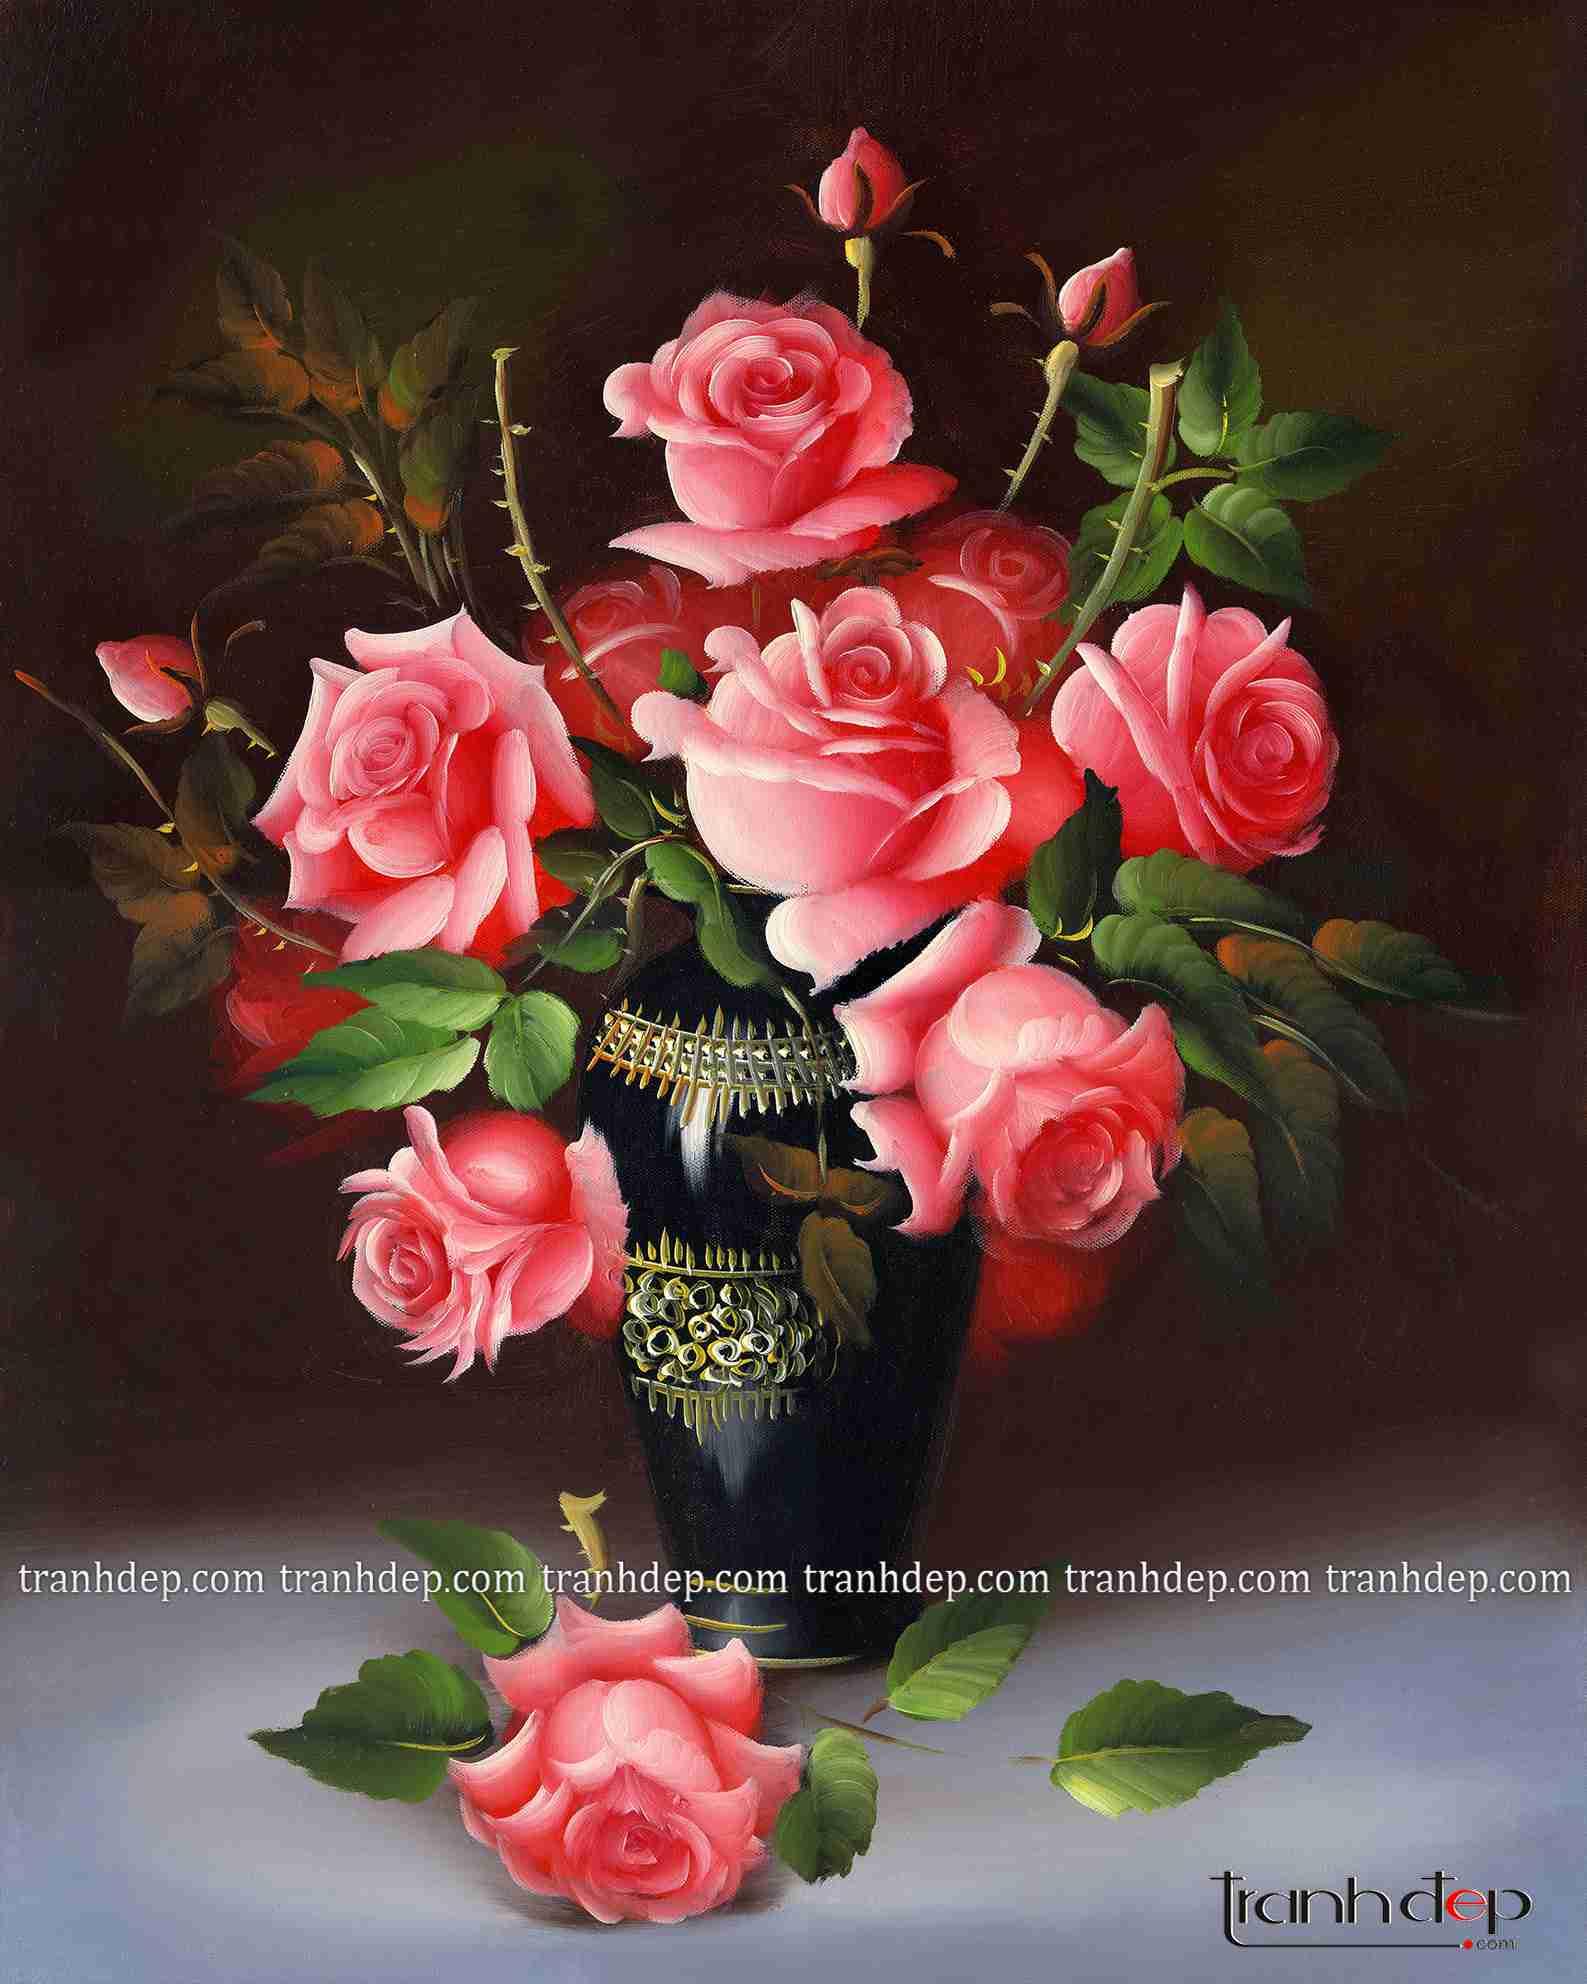 tranh tinh vat lang hoa hong sieu dep